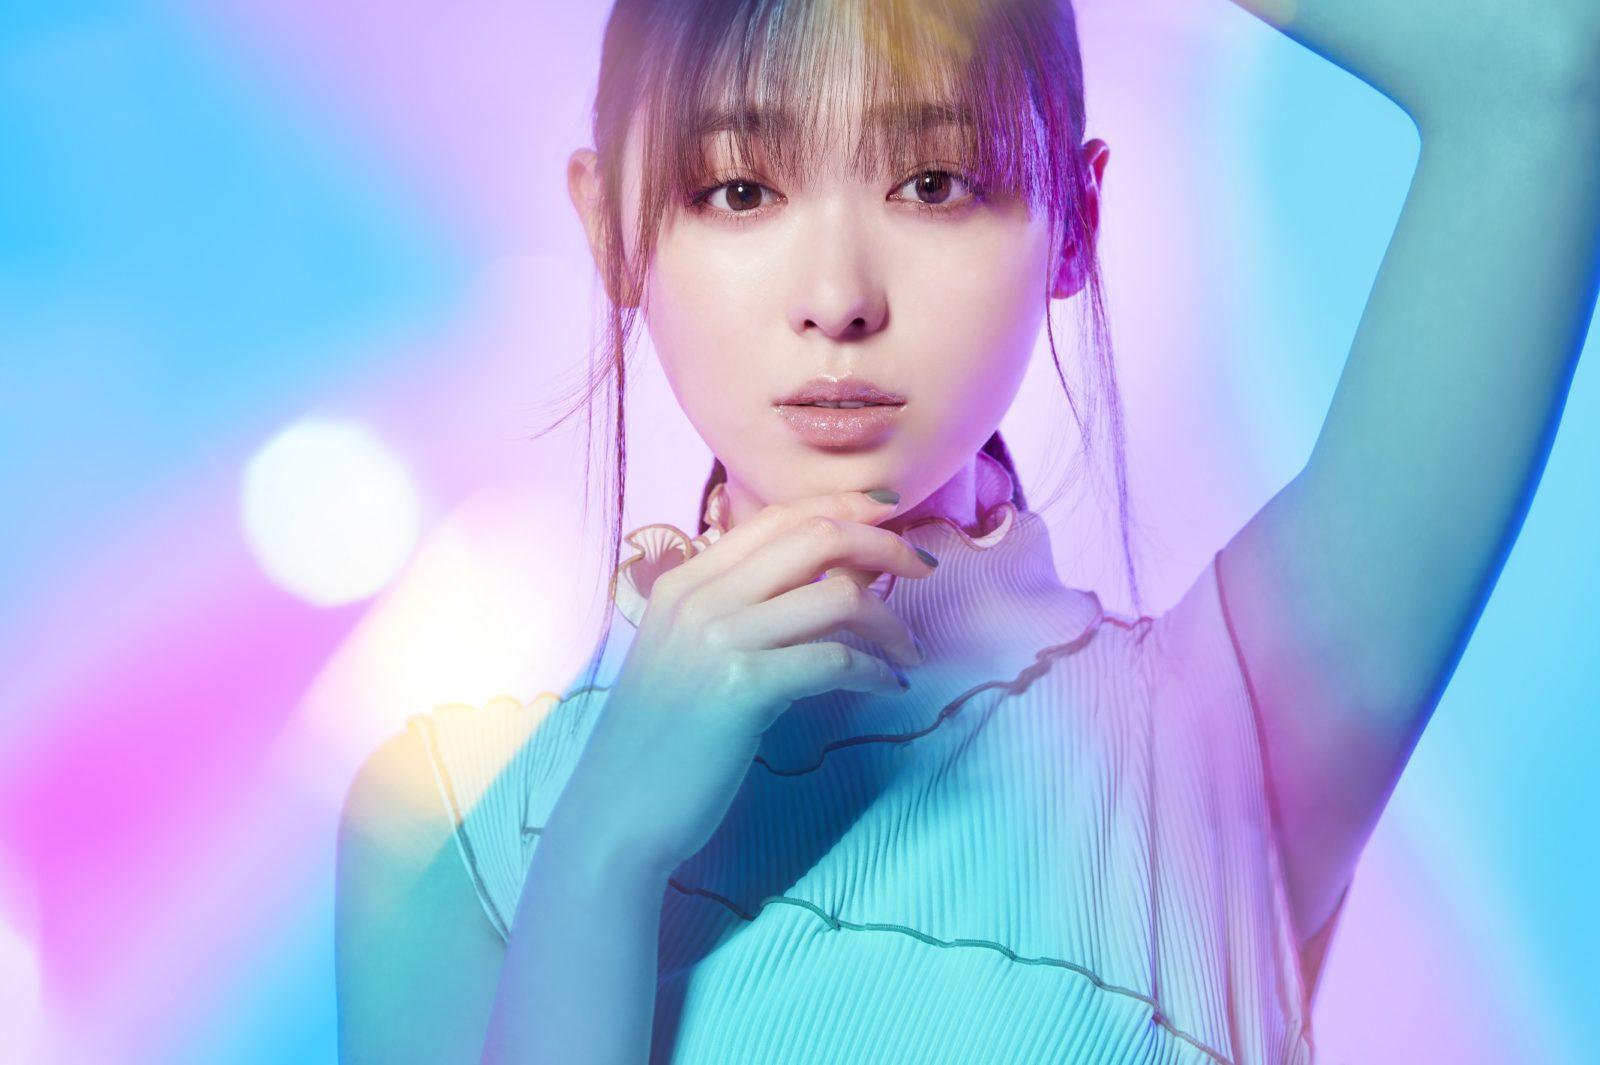 福原遥、2ndシングルリリース決定サムネイル画像